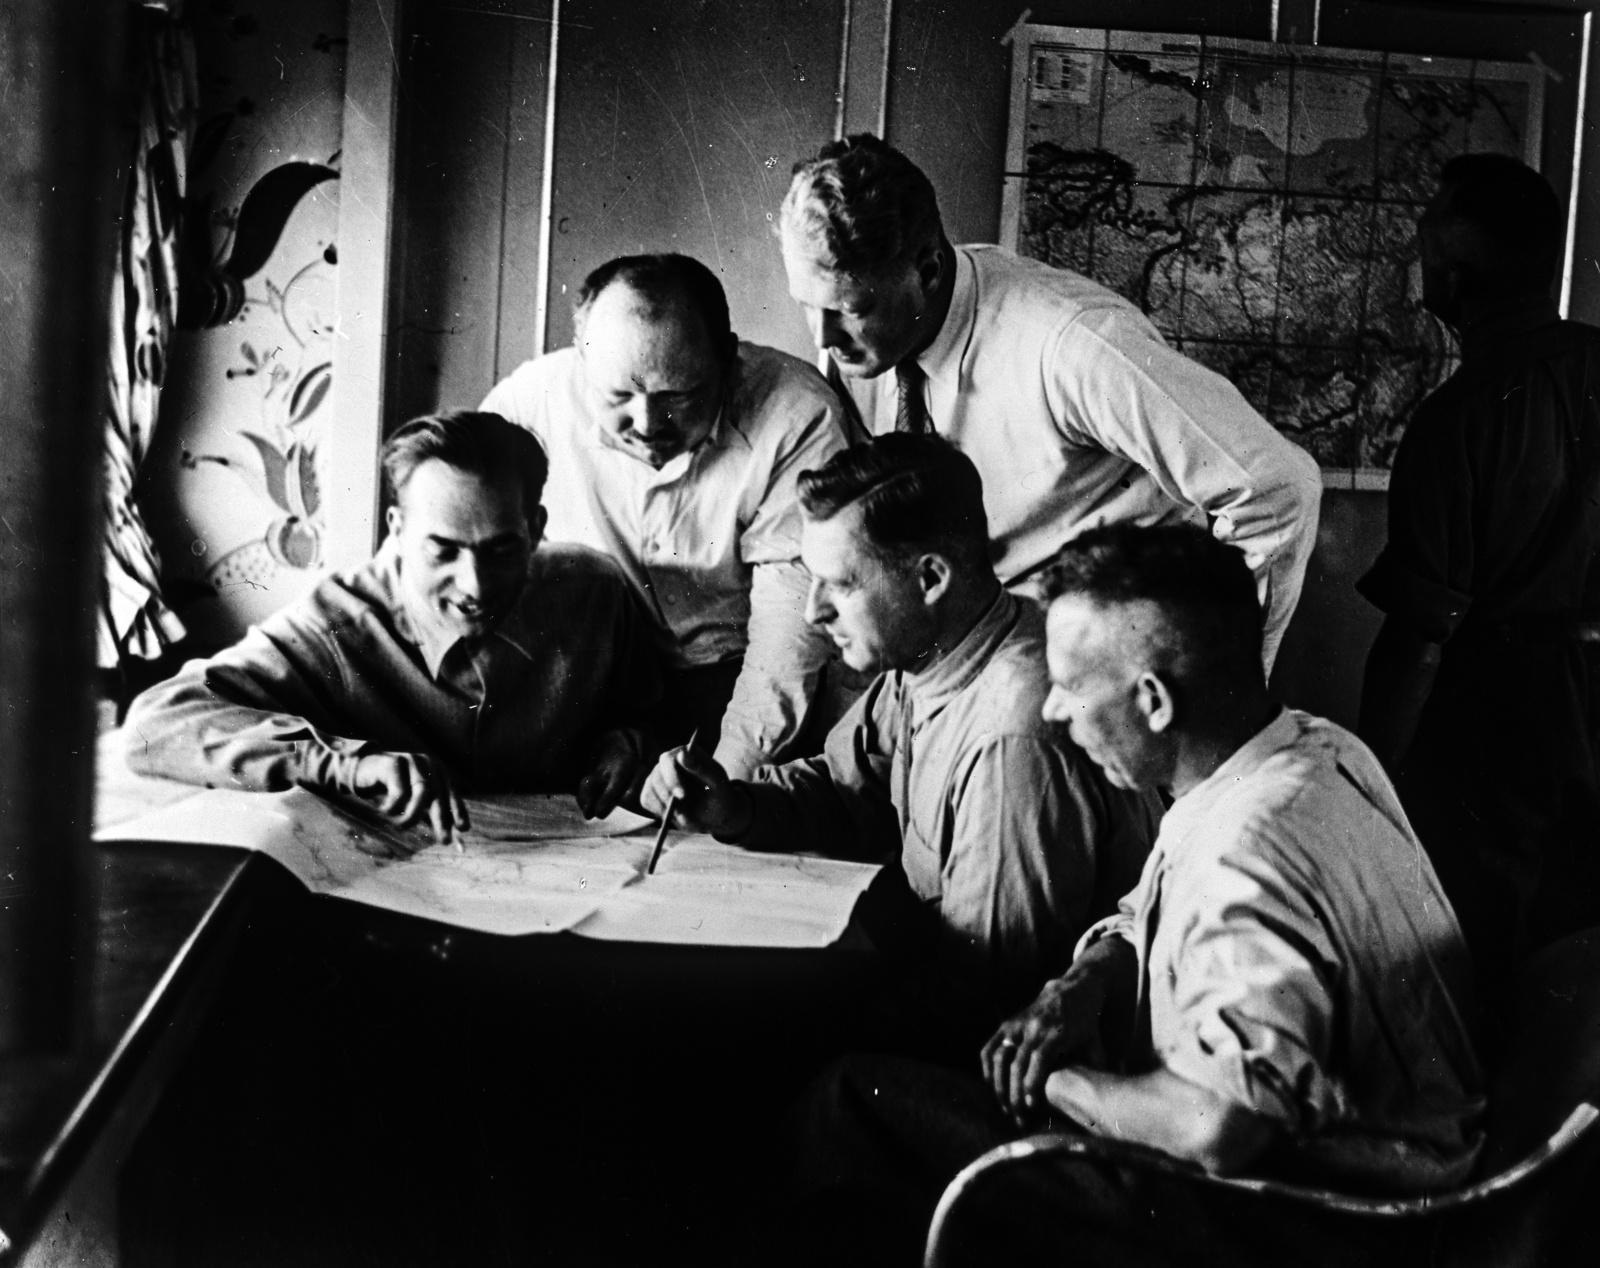 """1931 год. Встреча в лаундже дирижабля """"Граф Цеппелин"""". Слева направо: д-р Людвиг Коль-Ларсен, профессор П.А.Молчанов, фон Шиллер и Кнут Эккенер, сын доктора Эккенера, командира дирижабля."""